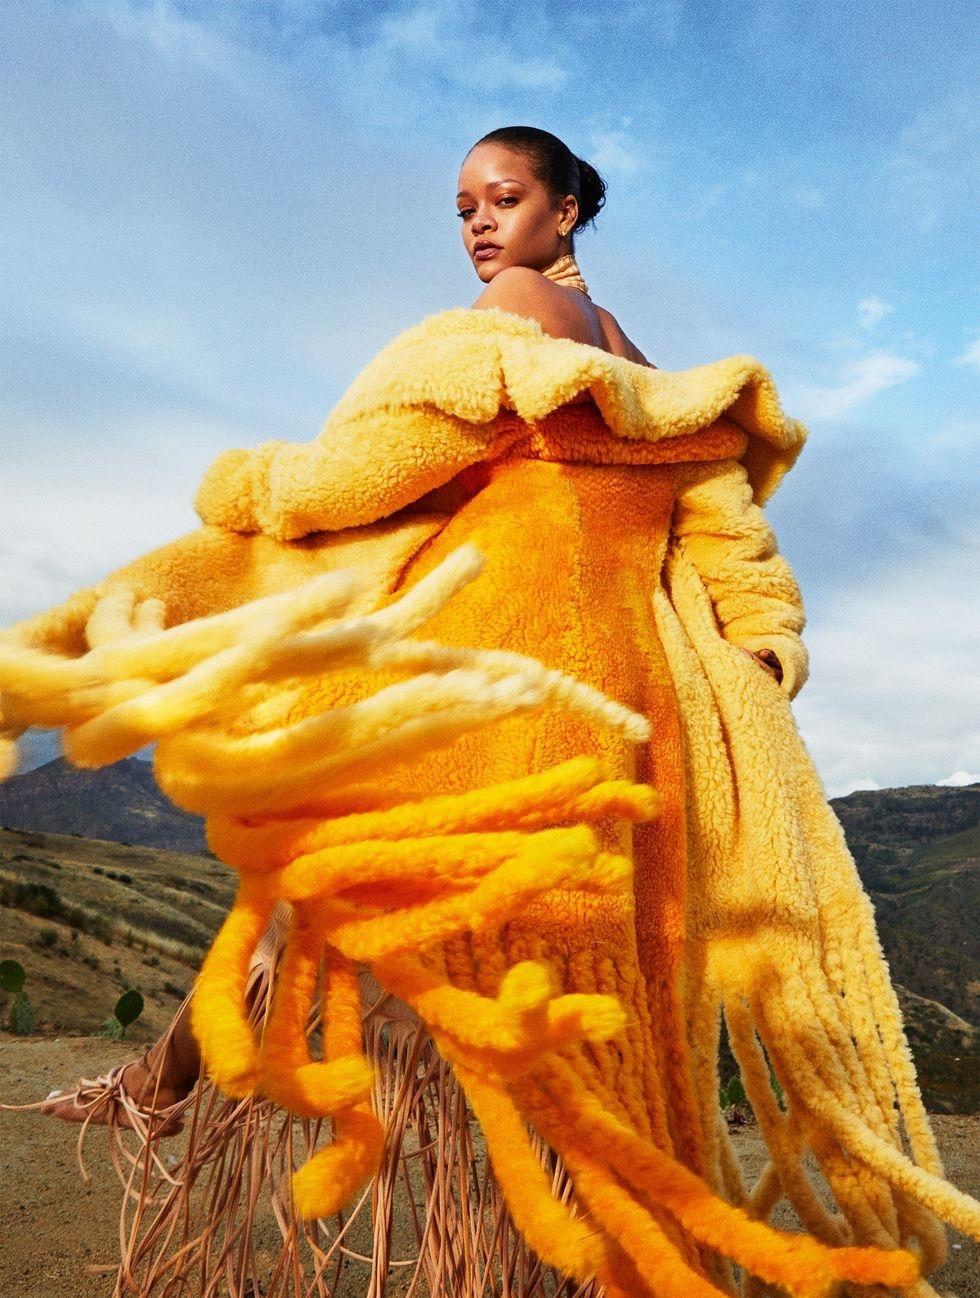 Рианна украсила сразу 26 обложек Harper's Bazaar: смотрите горячие фото барбадосской певицы - фото №4